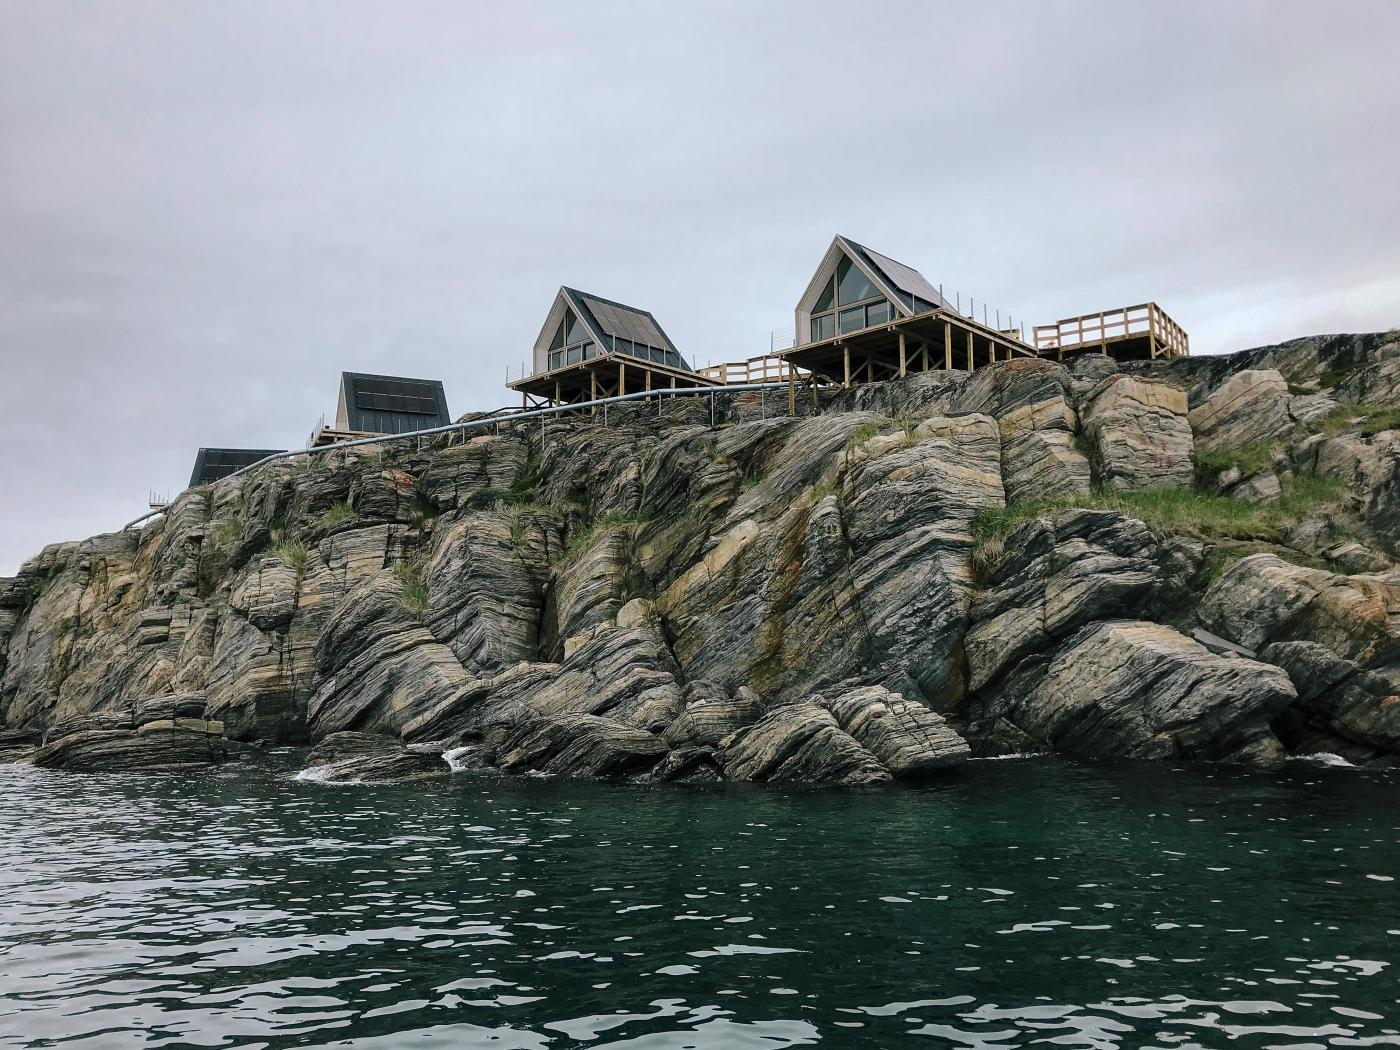 Details of the Iliminaq Lodges along the shoreline. Photo by Jessie Brinkman Evans